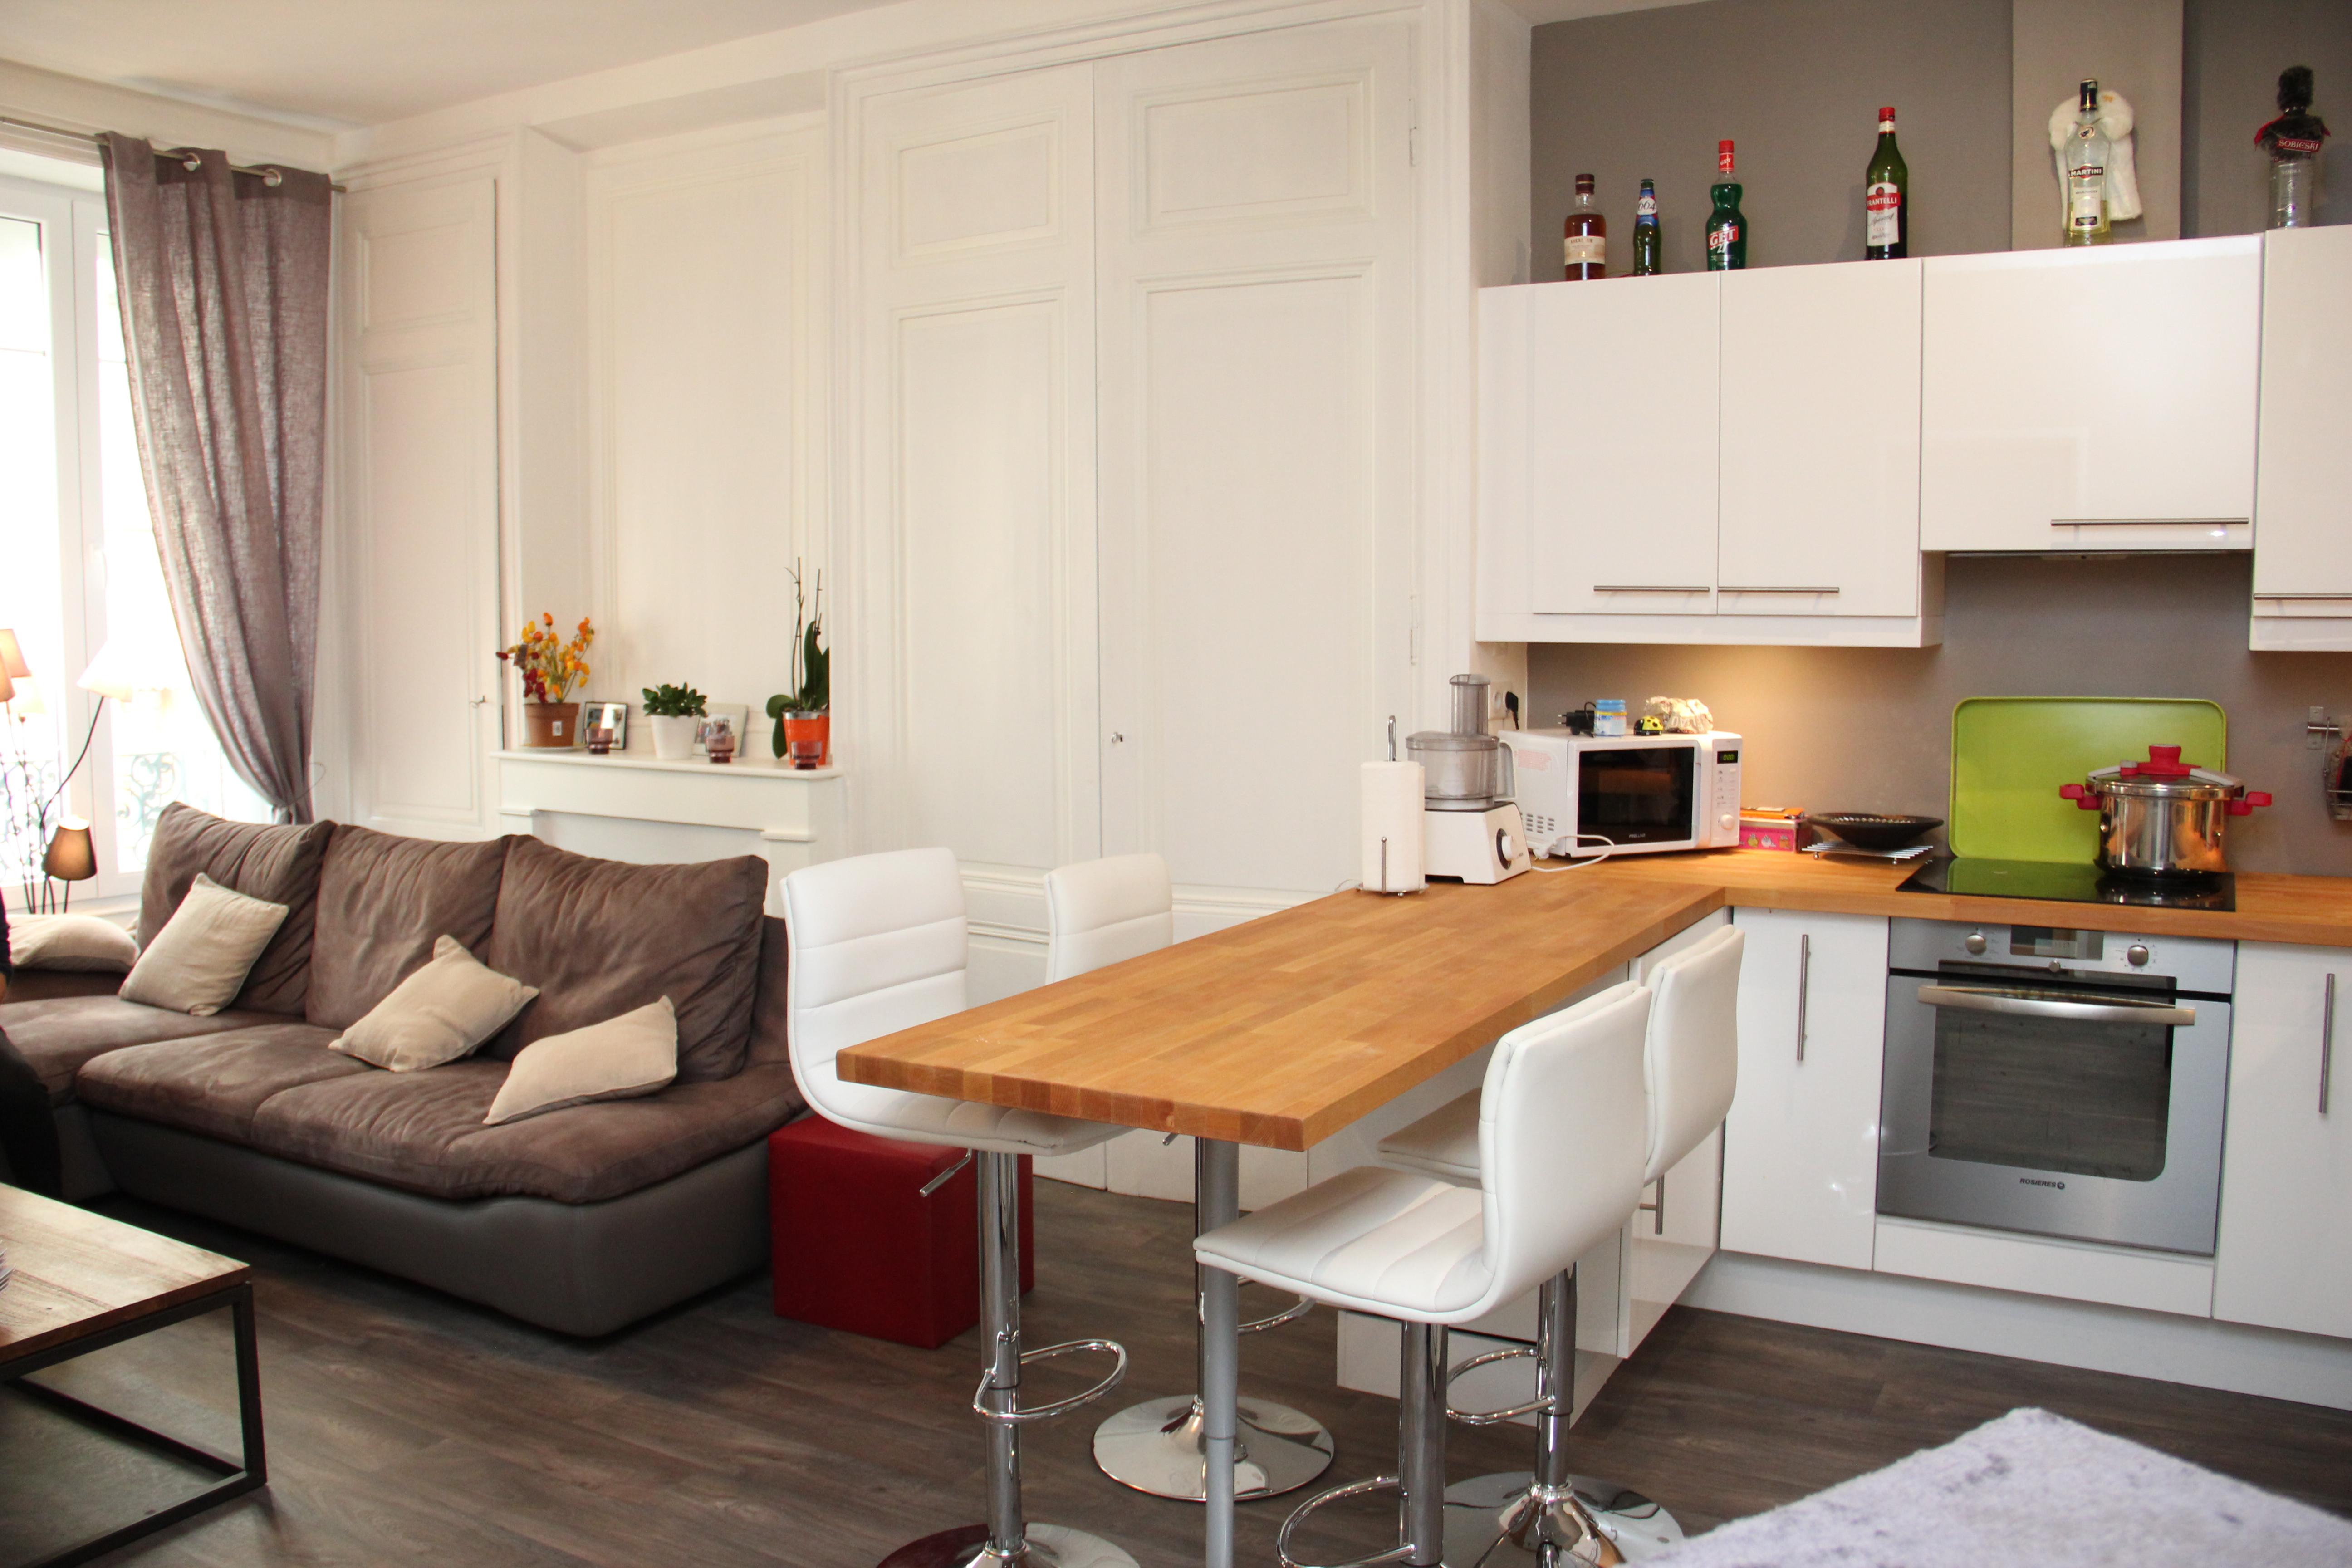 Idee deco cuisine petite surface - Atwebster.fr - Maison et mobilier